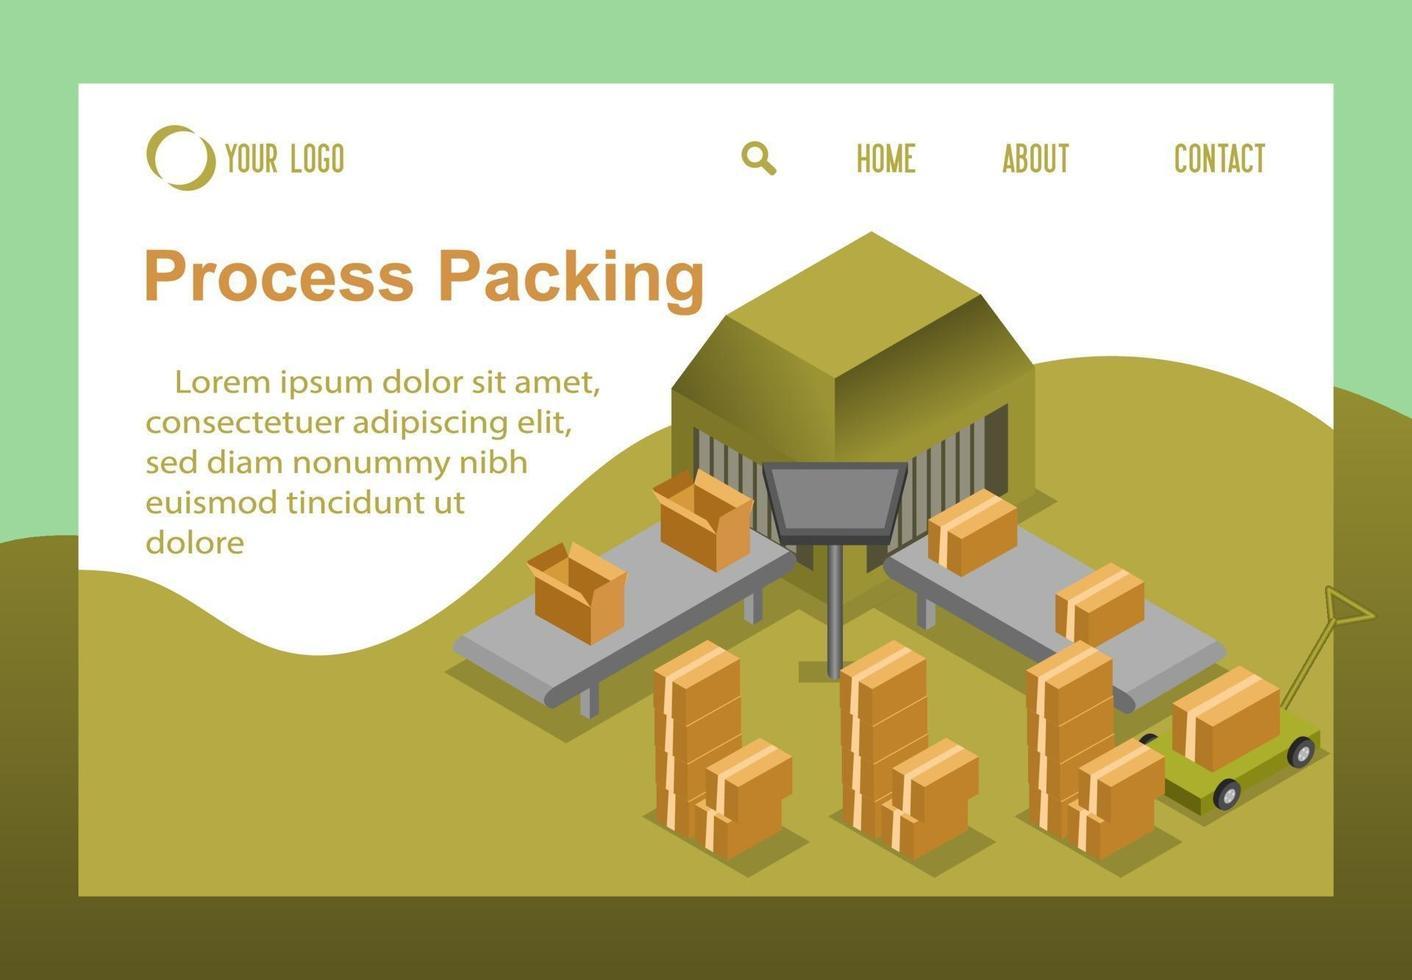 Vektor isometrische Prozesskartonverpackung, Produktherstellungsfabrikkonzept